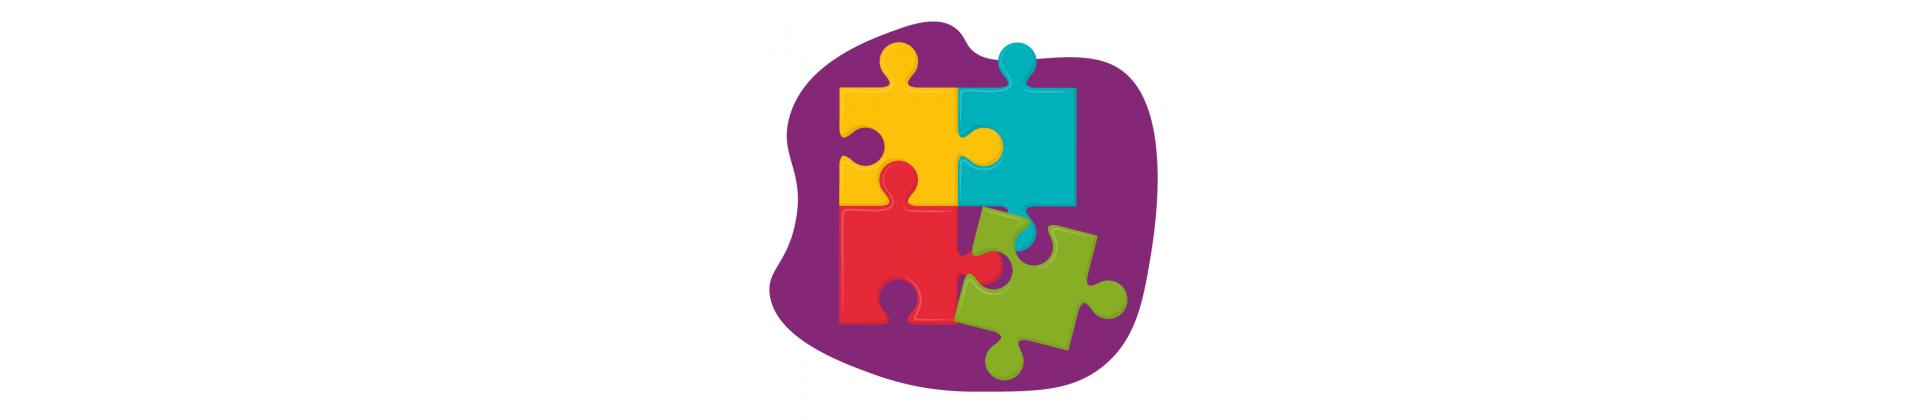 Puzzles & encastrements